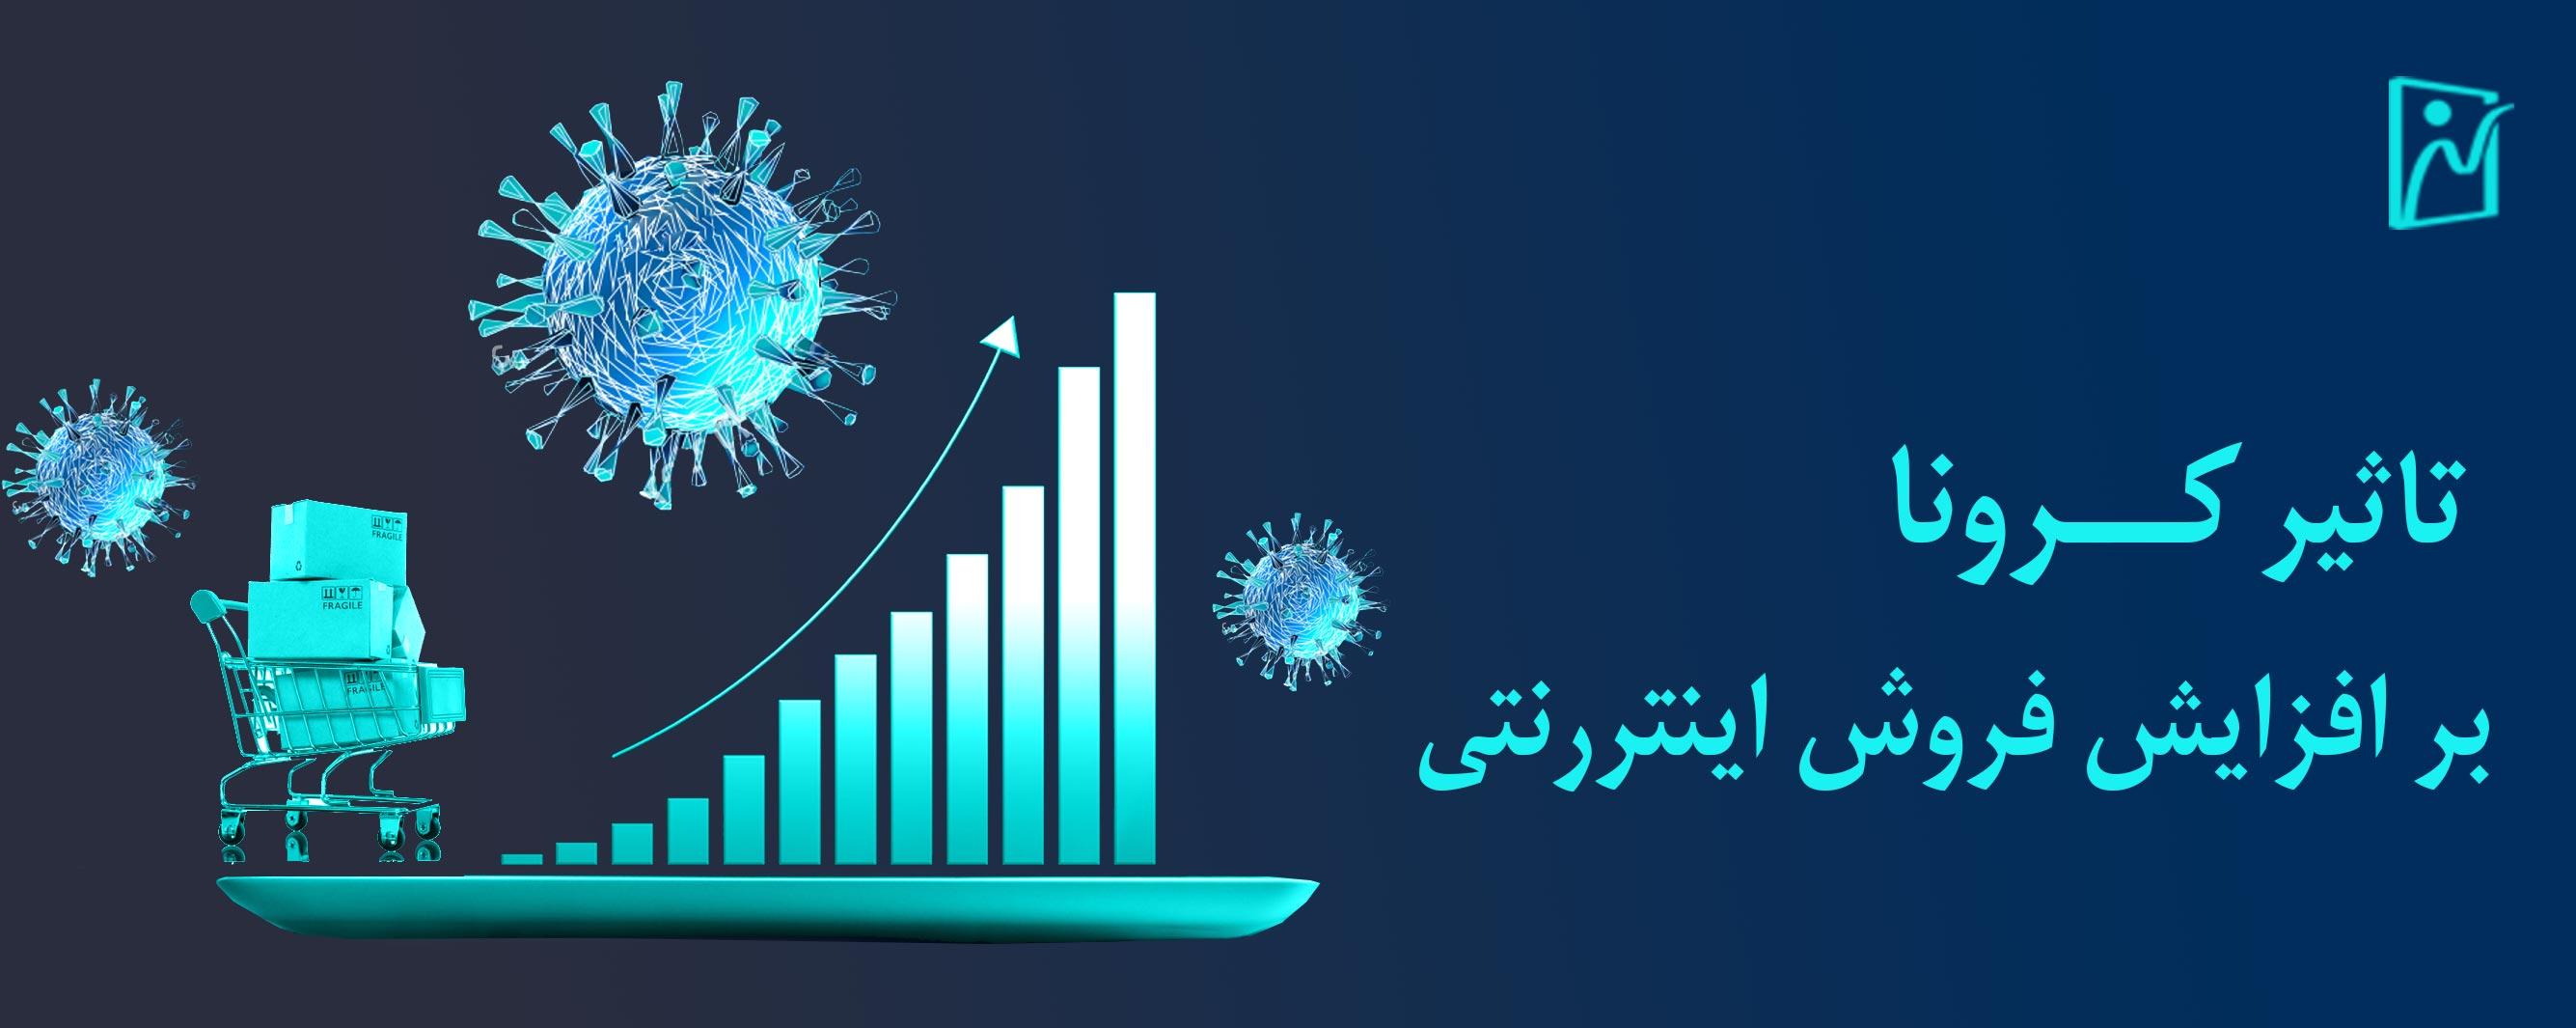 تاثیر ویروس کرونا بر فروش و کسب و کارها و افزایش استفاده از فروشگاه های اینترنتی